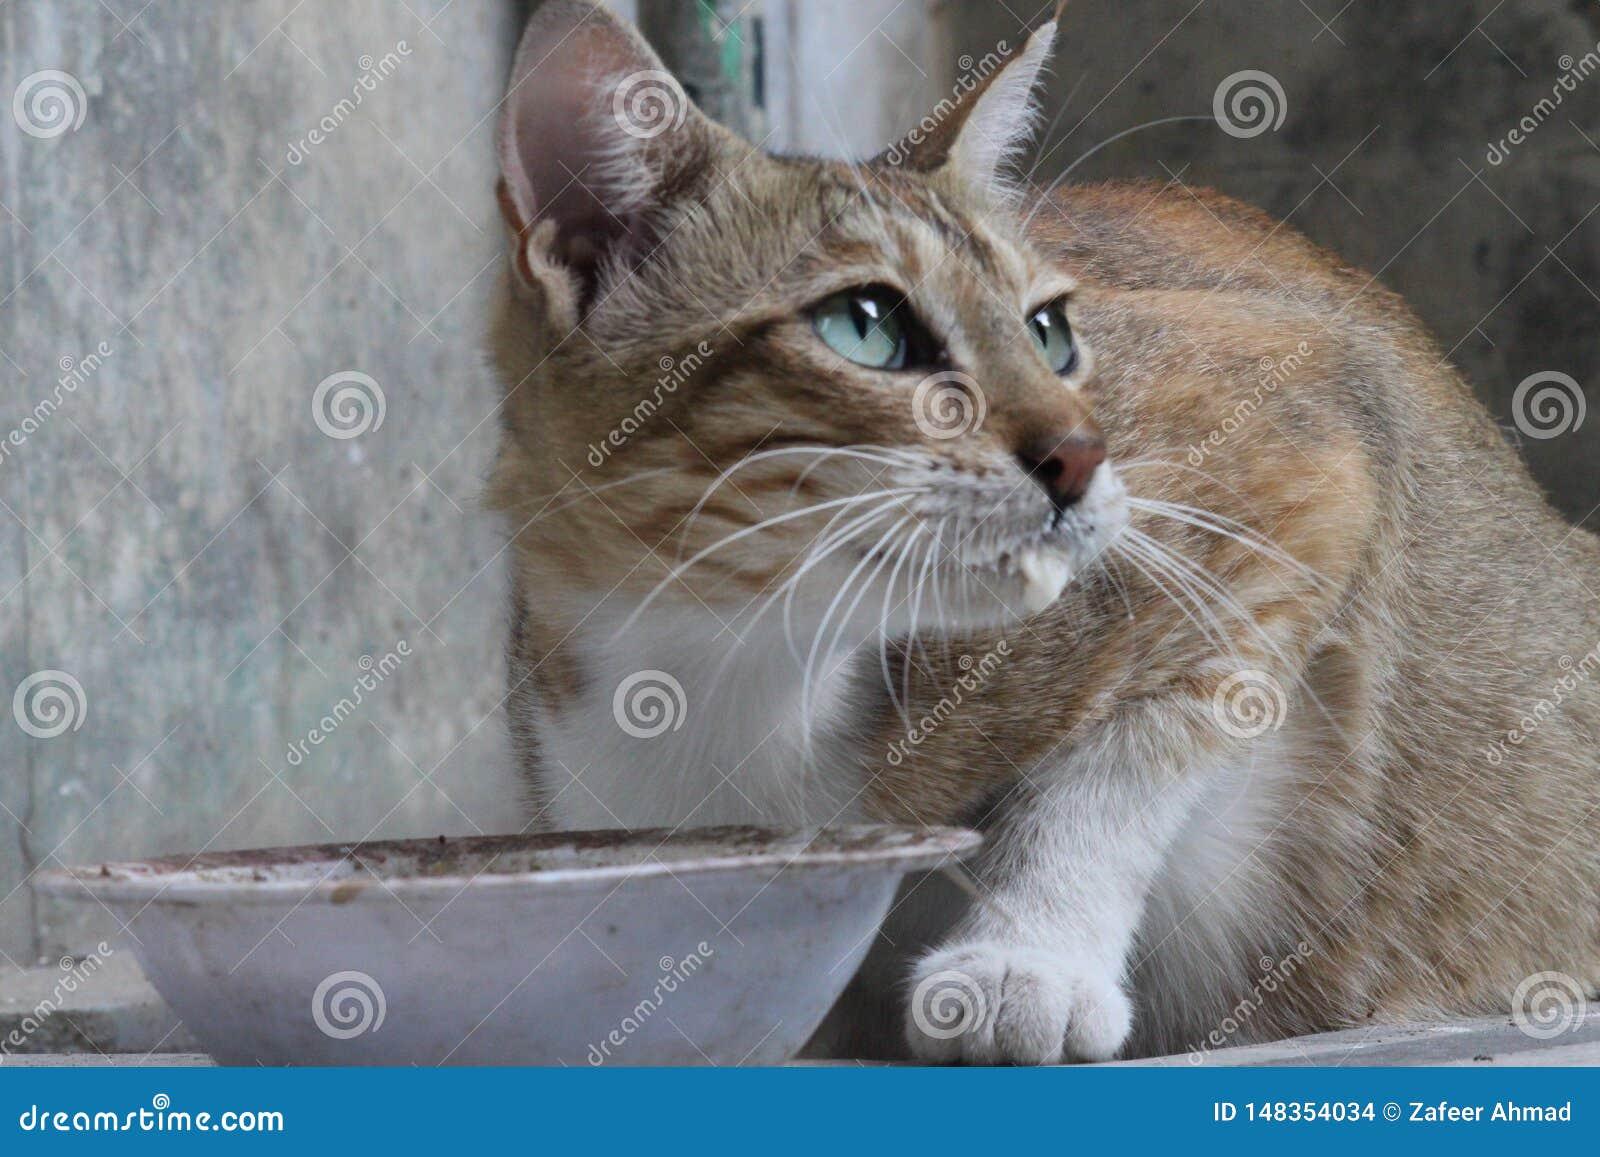 Gderliwy i ?liczny kot